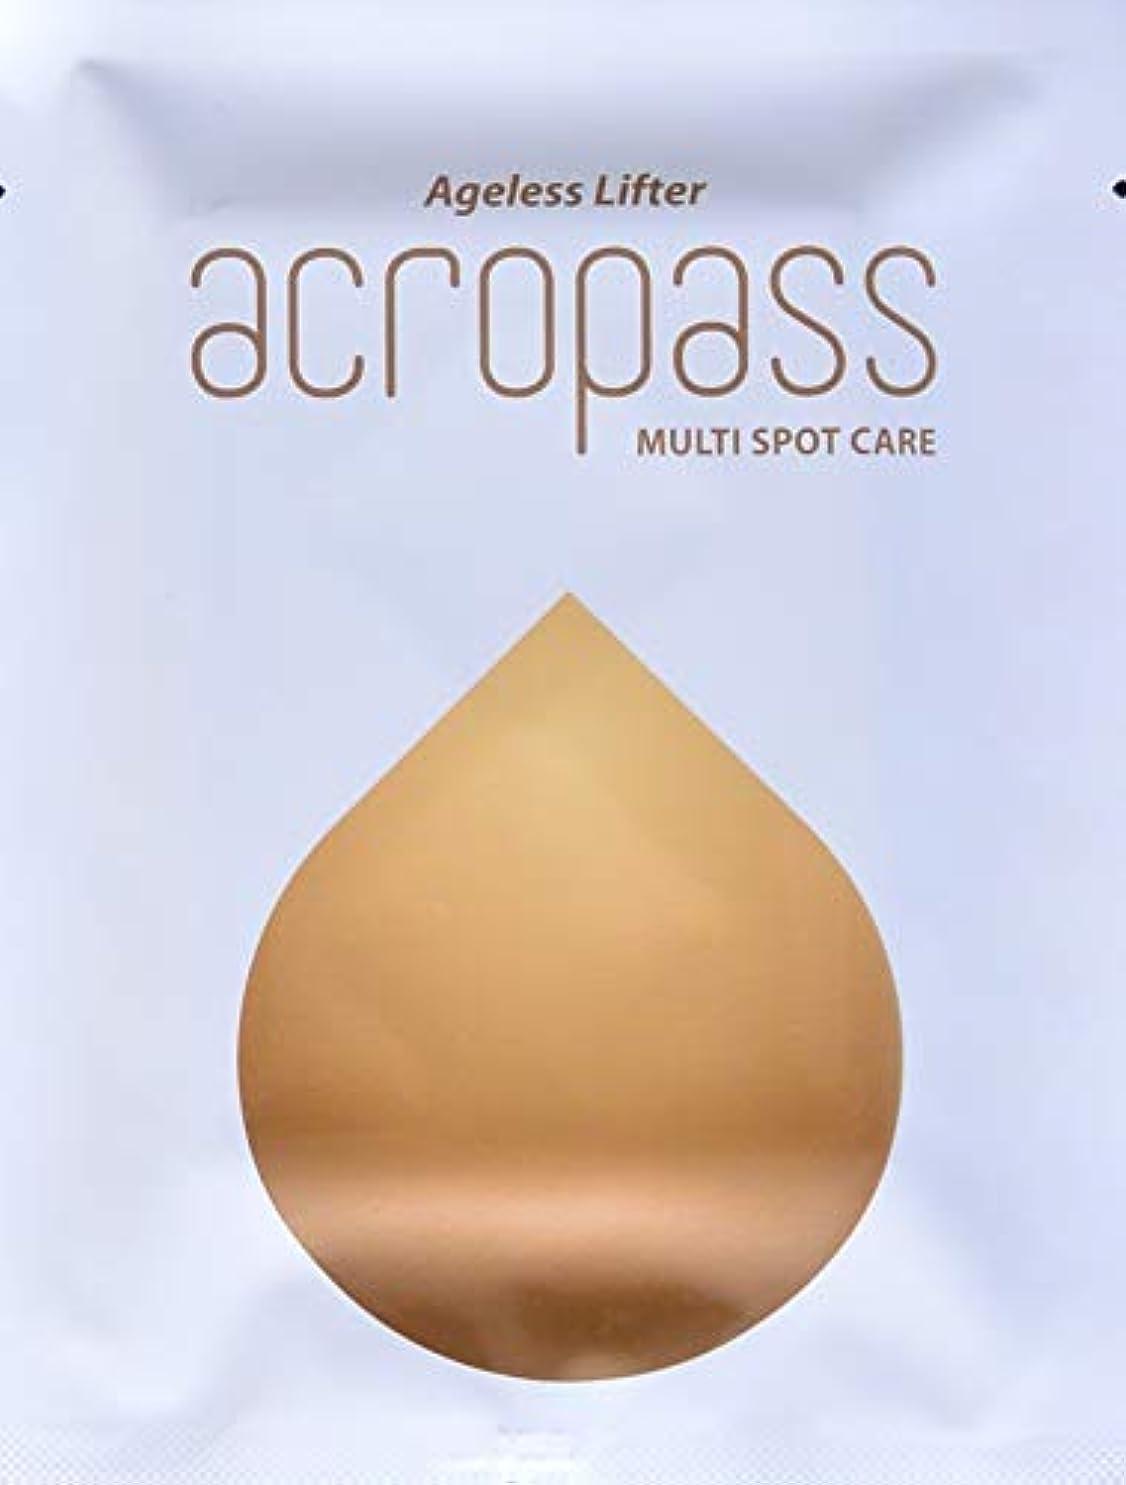 政治家おじいちゃん聖域アクロパス マルチスポットケア 1パウチ(2枚入り)目尻や局所用アクロパス、ヒアルロン酸+EGF配合マイクロニードルパッチ。 他にお得な2パウチセットもございます